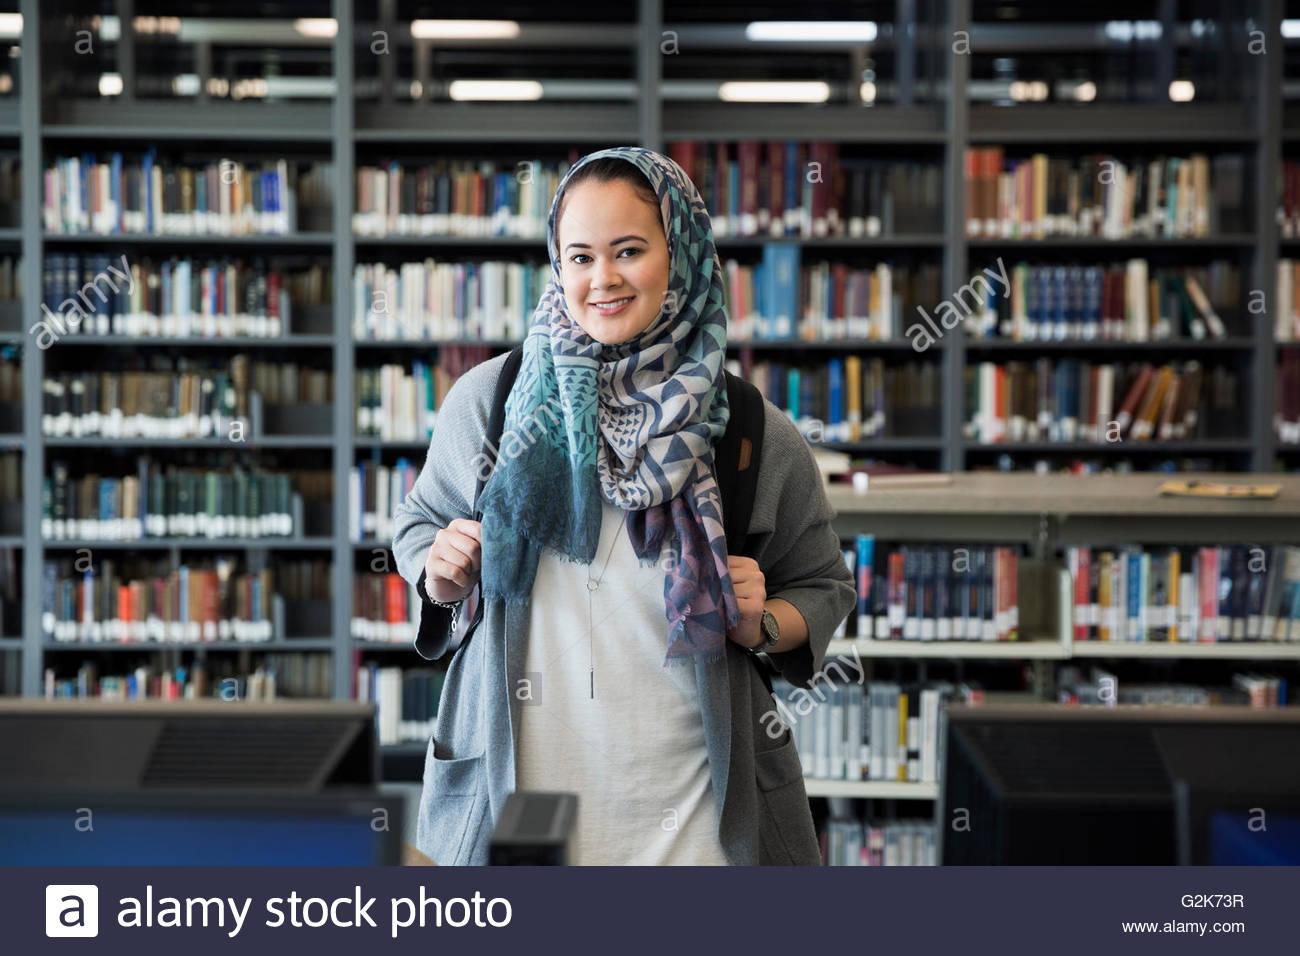 Porträt-lächelnden College-Student tragen Hijab in Bibliothek Stockbild